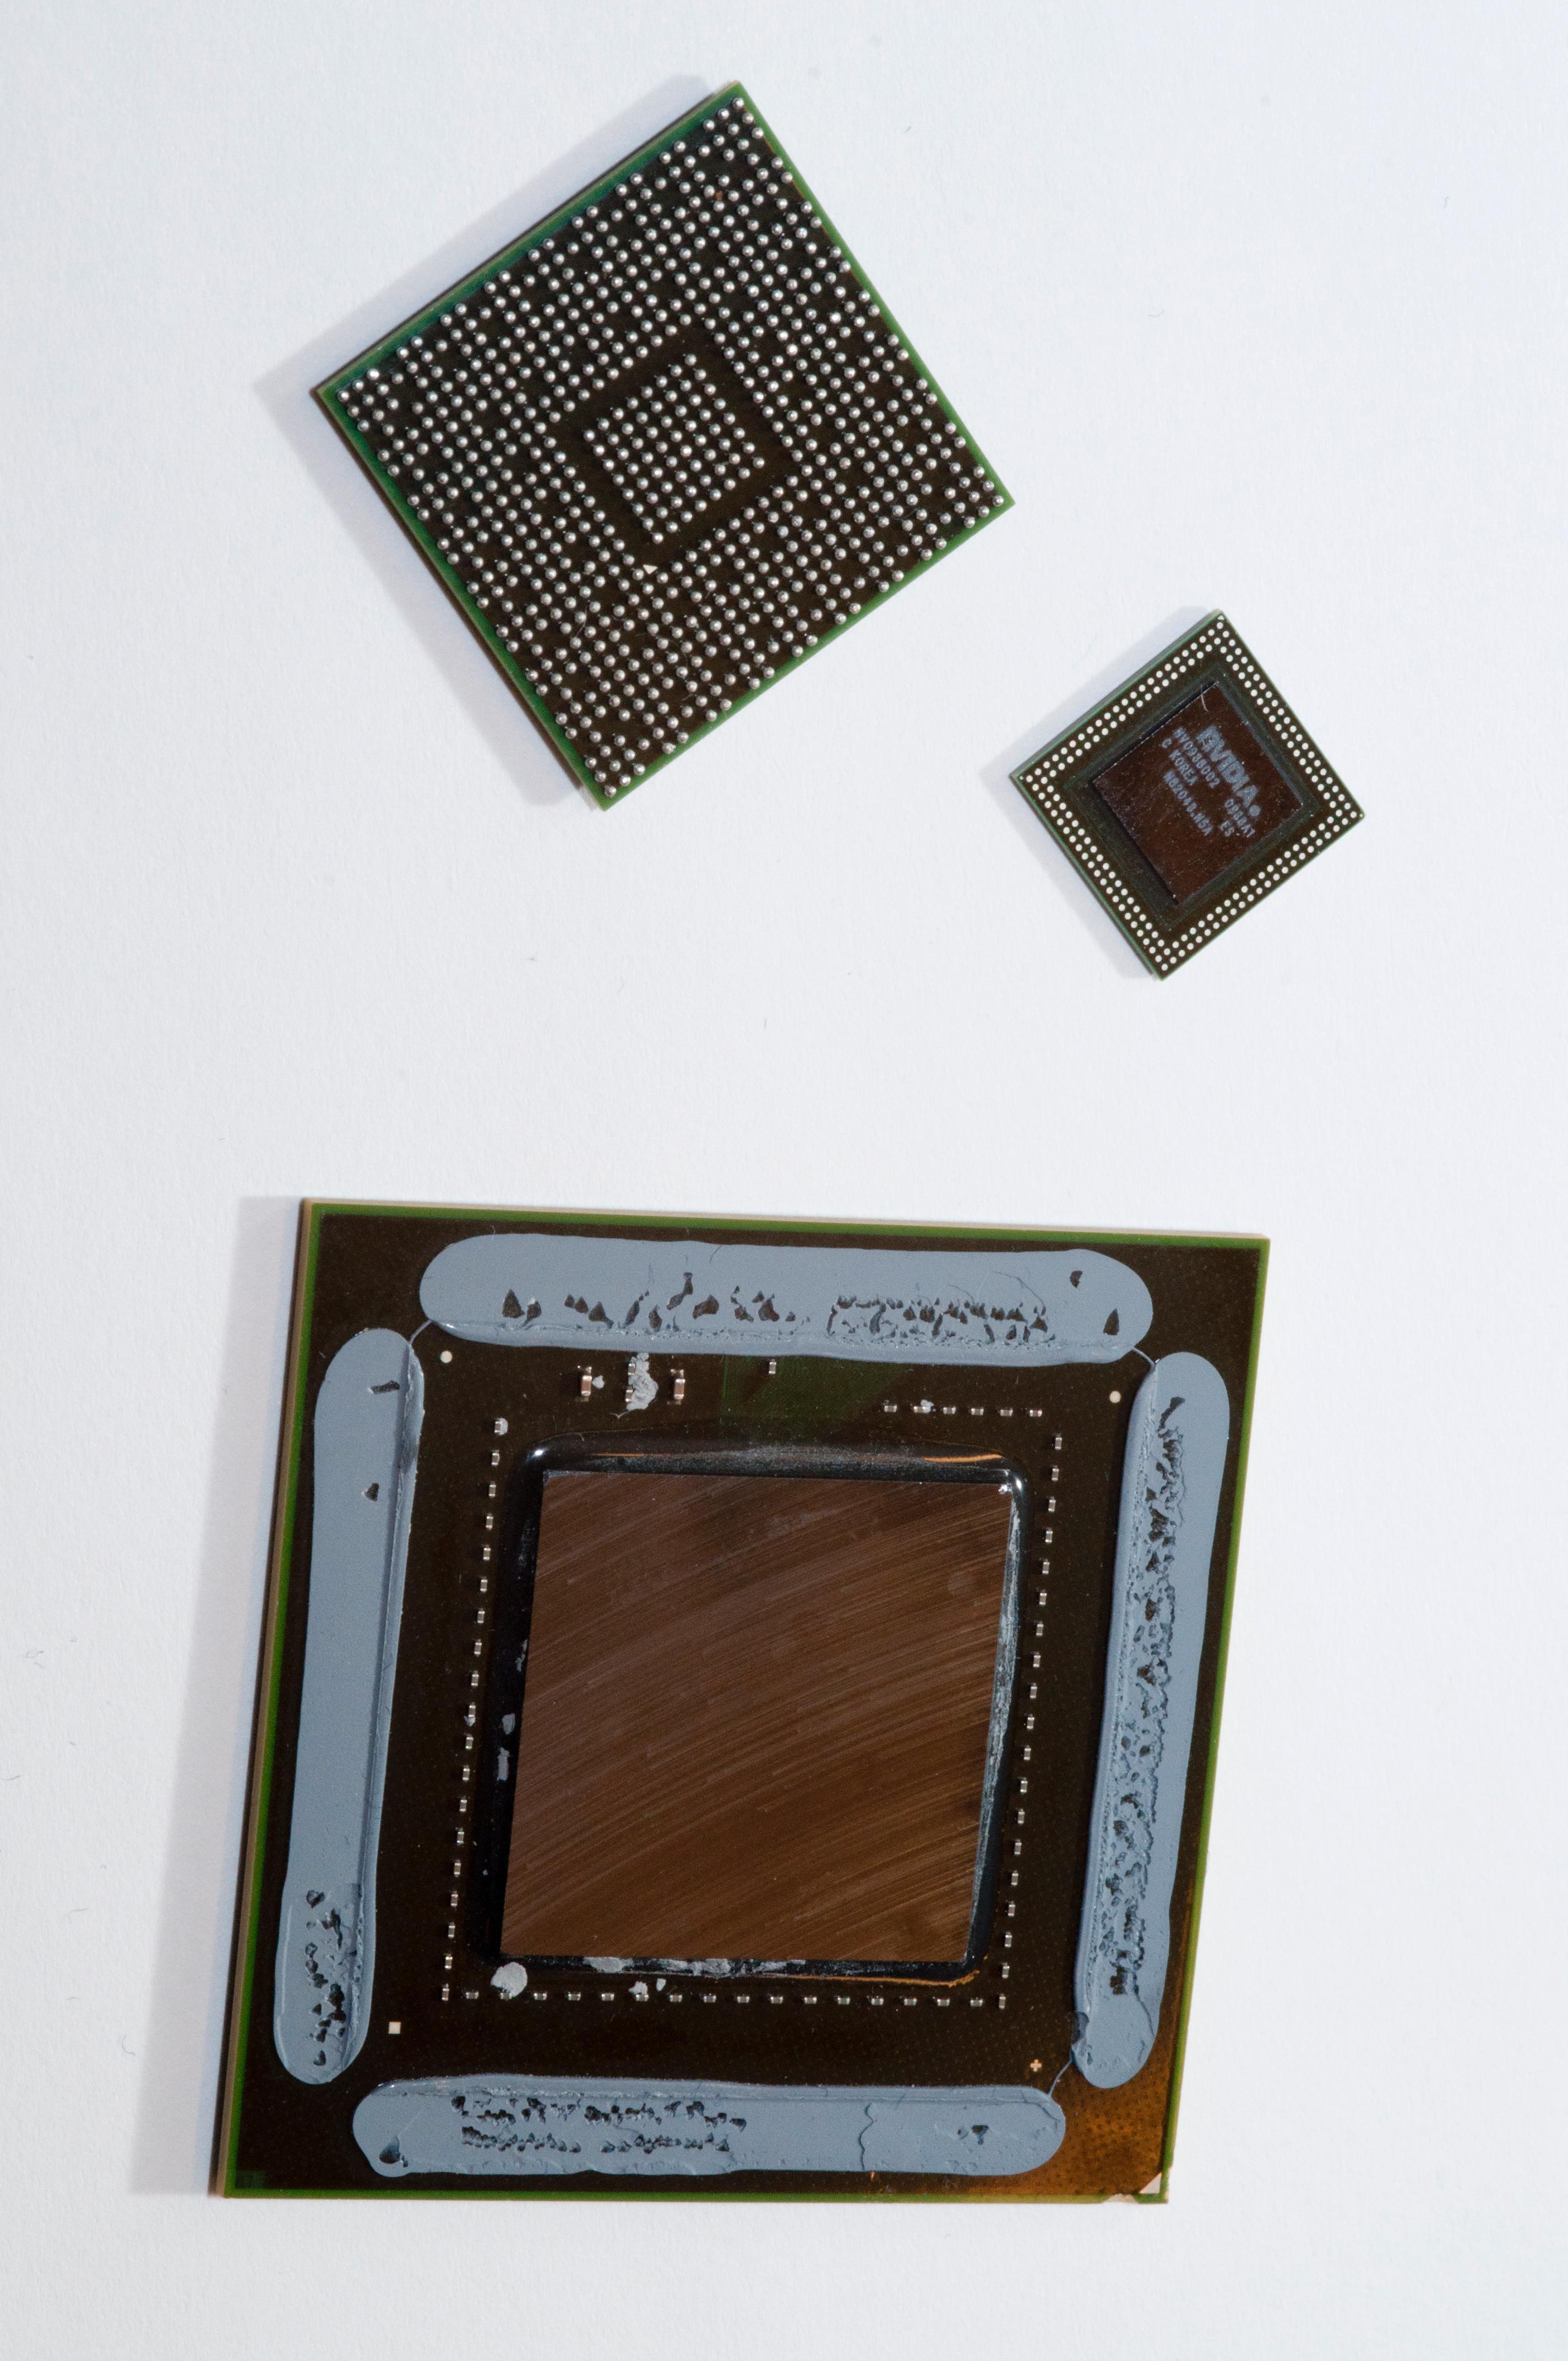 Nvidias Tegra 3-brikker over en Nvidia GF100/GTX400-brikke. Den største brikken hører hjemme på vanlige, store skjermkort.